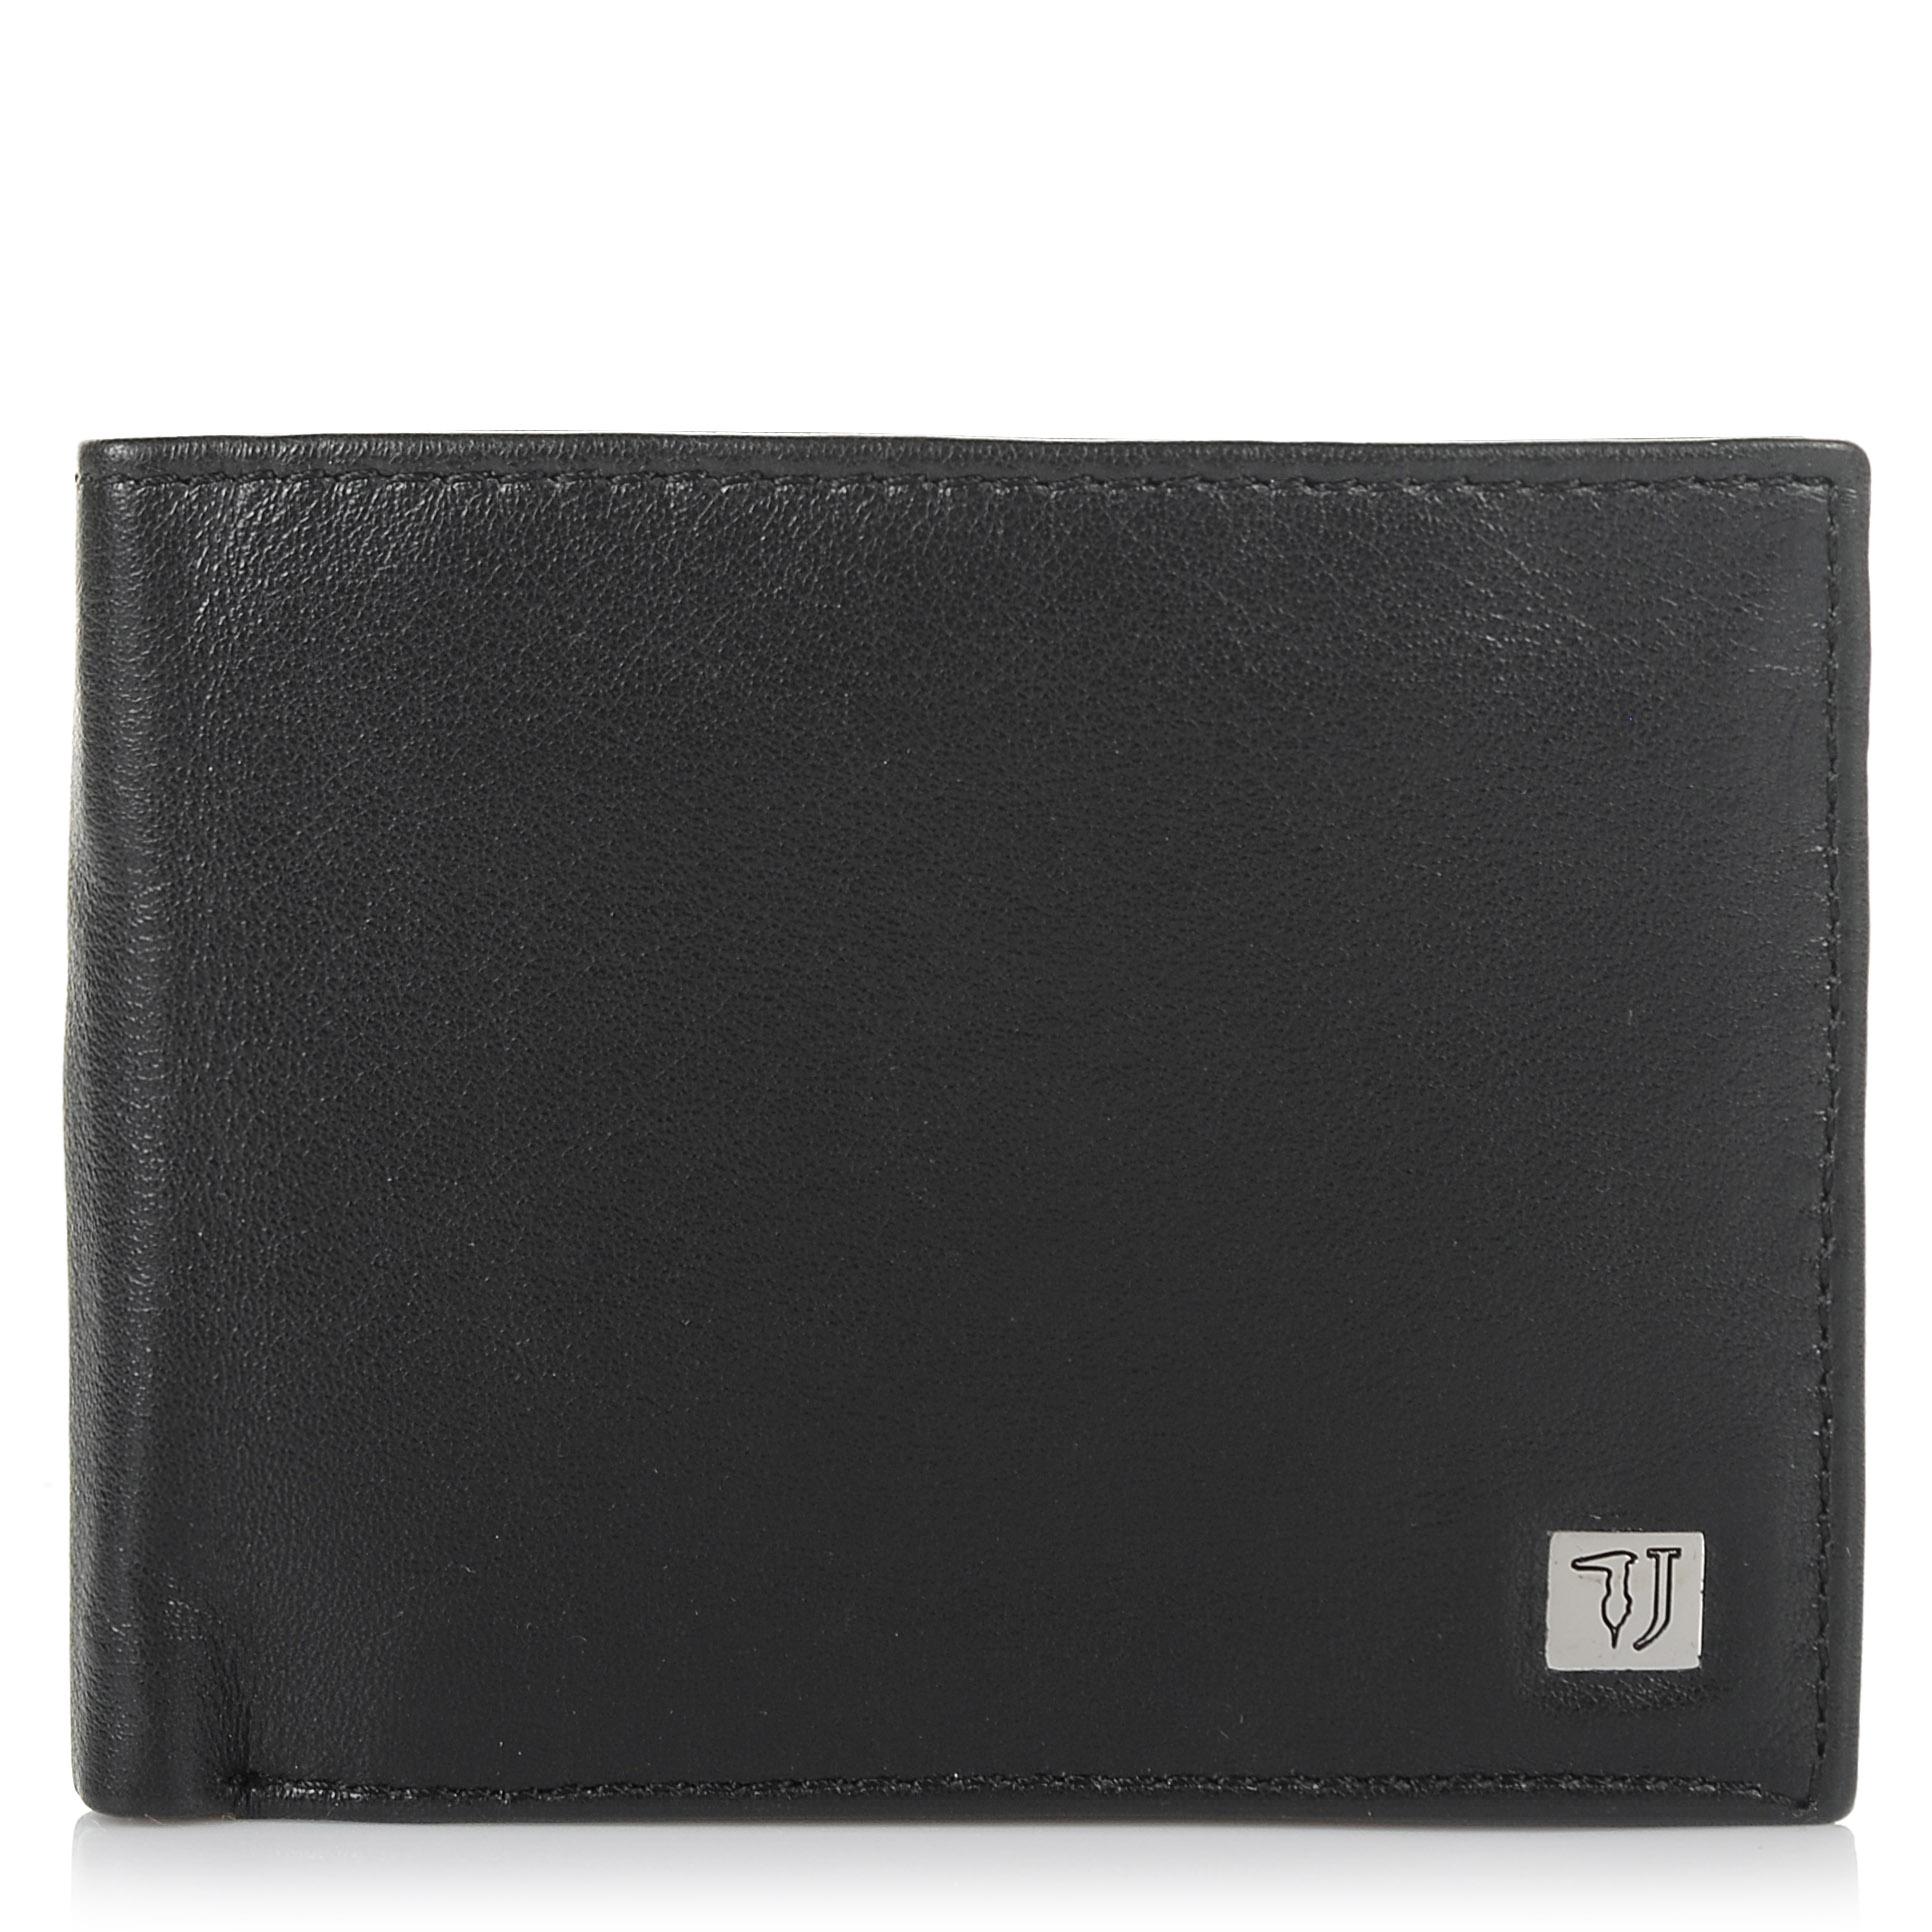 Δερμάτινο Πορτοφόλι Trussardi Jeans Wallet Credit Card Coin Pocket Smooth 71W000 ανδρας   ανδρικό πορτοφόλι